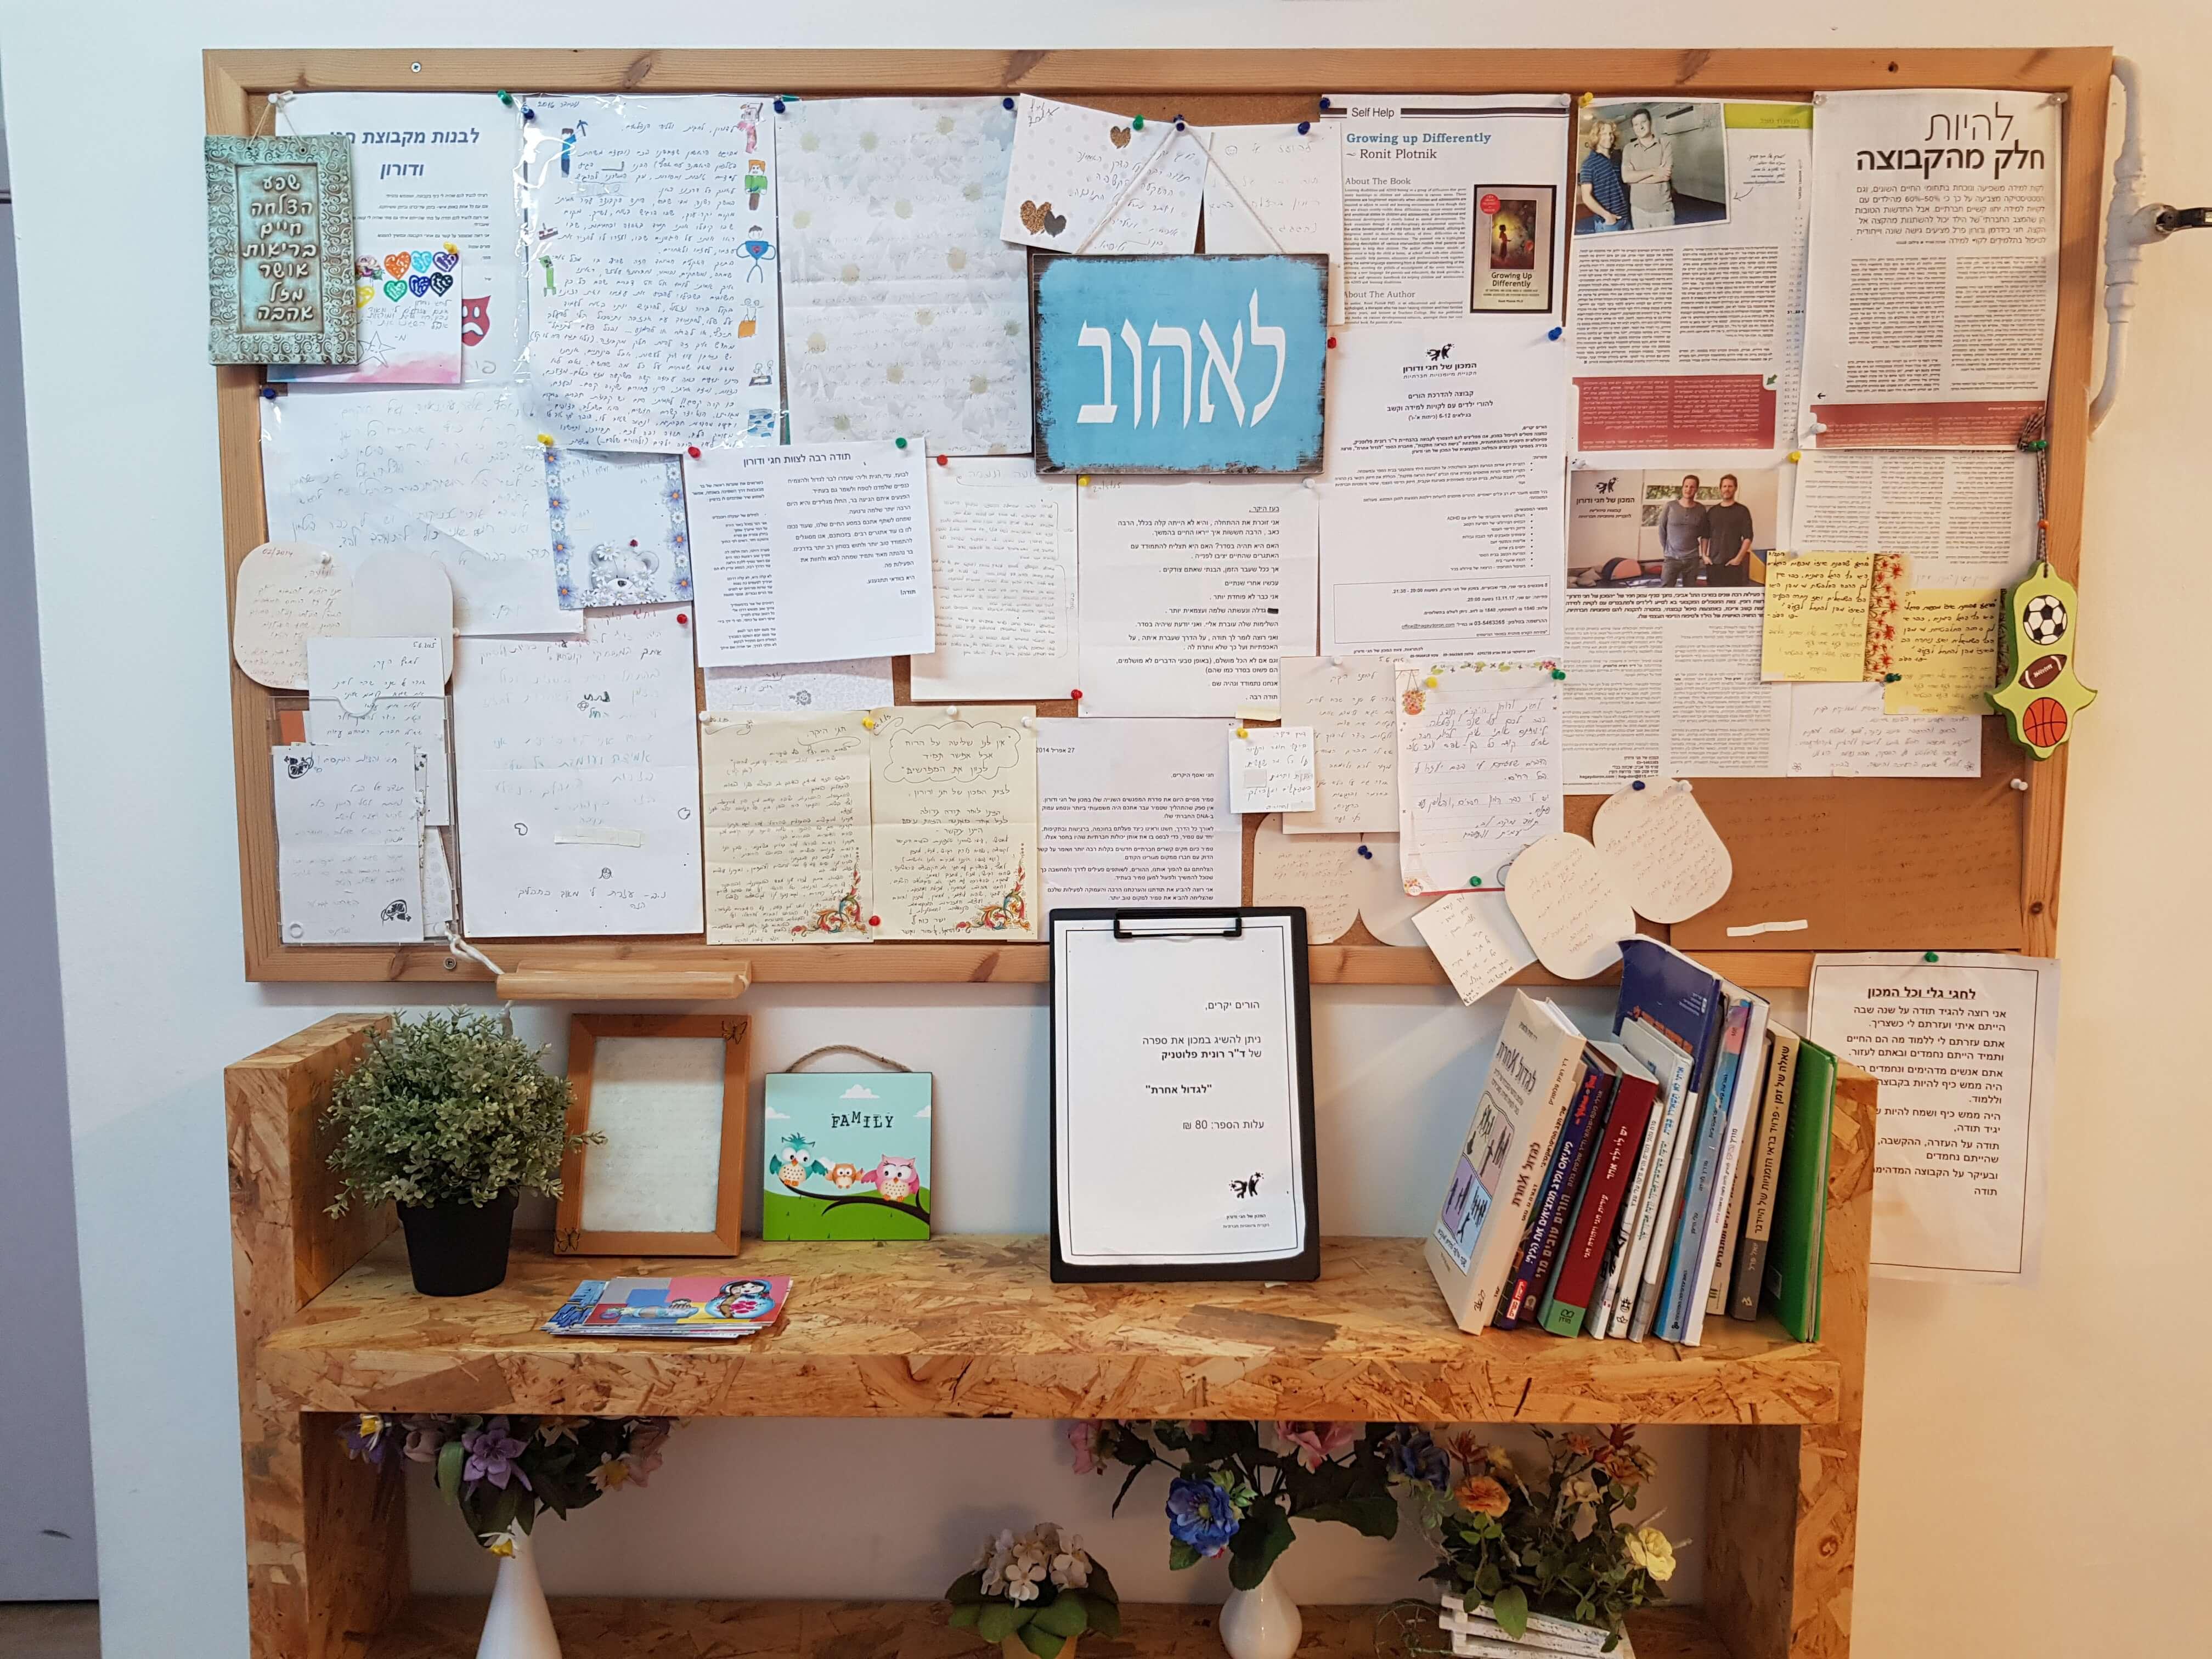 מכתבי תודה - טיפול רגשי בילדים